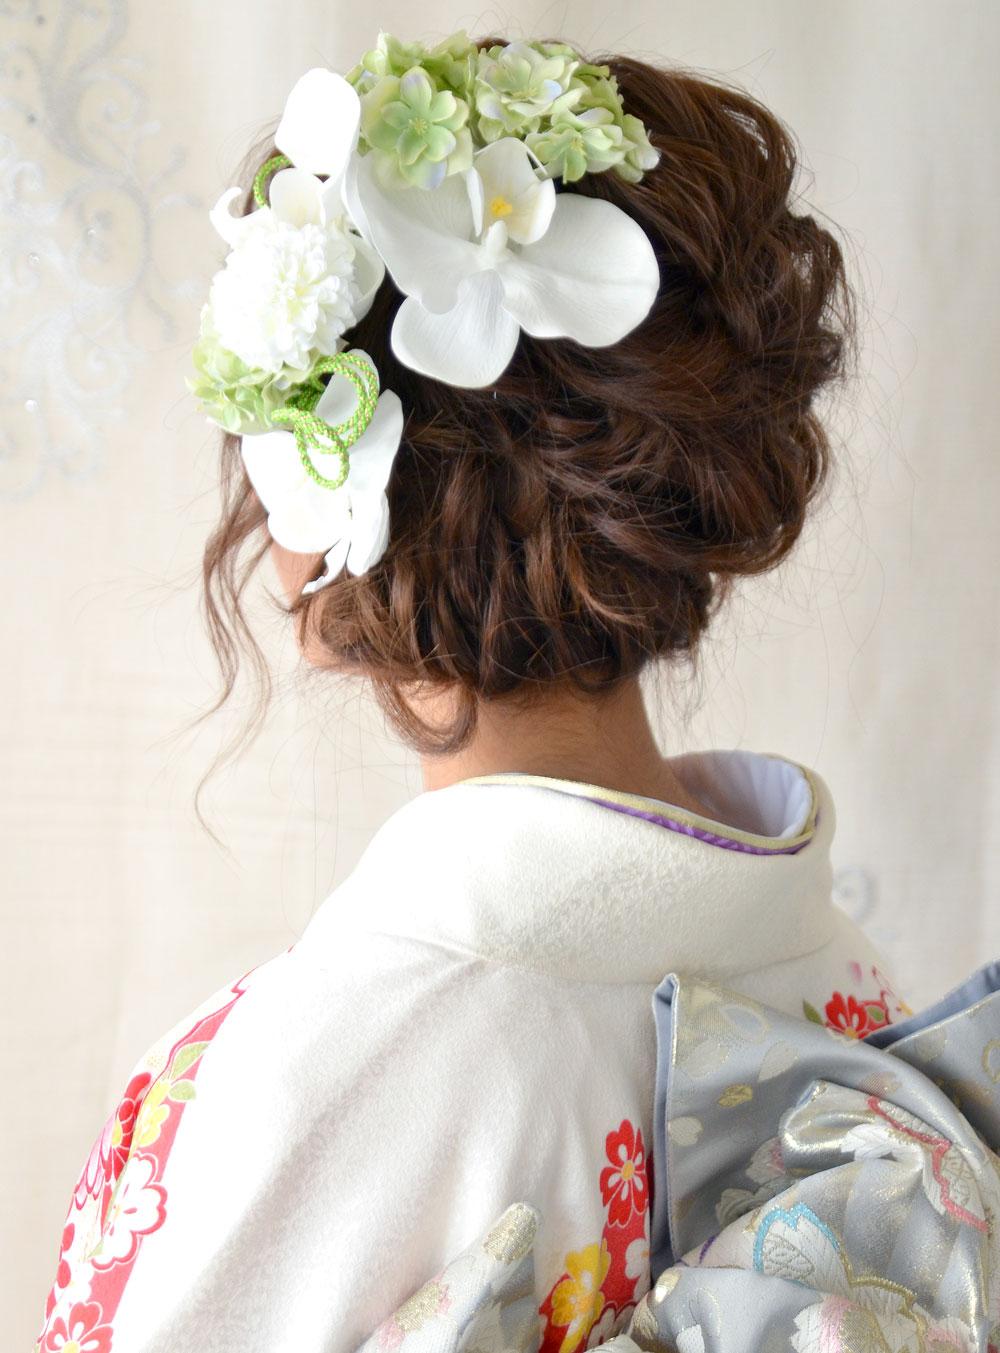 ヘッドドレス成人式 髪飾り【葉月 はづき】小春シリーズ